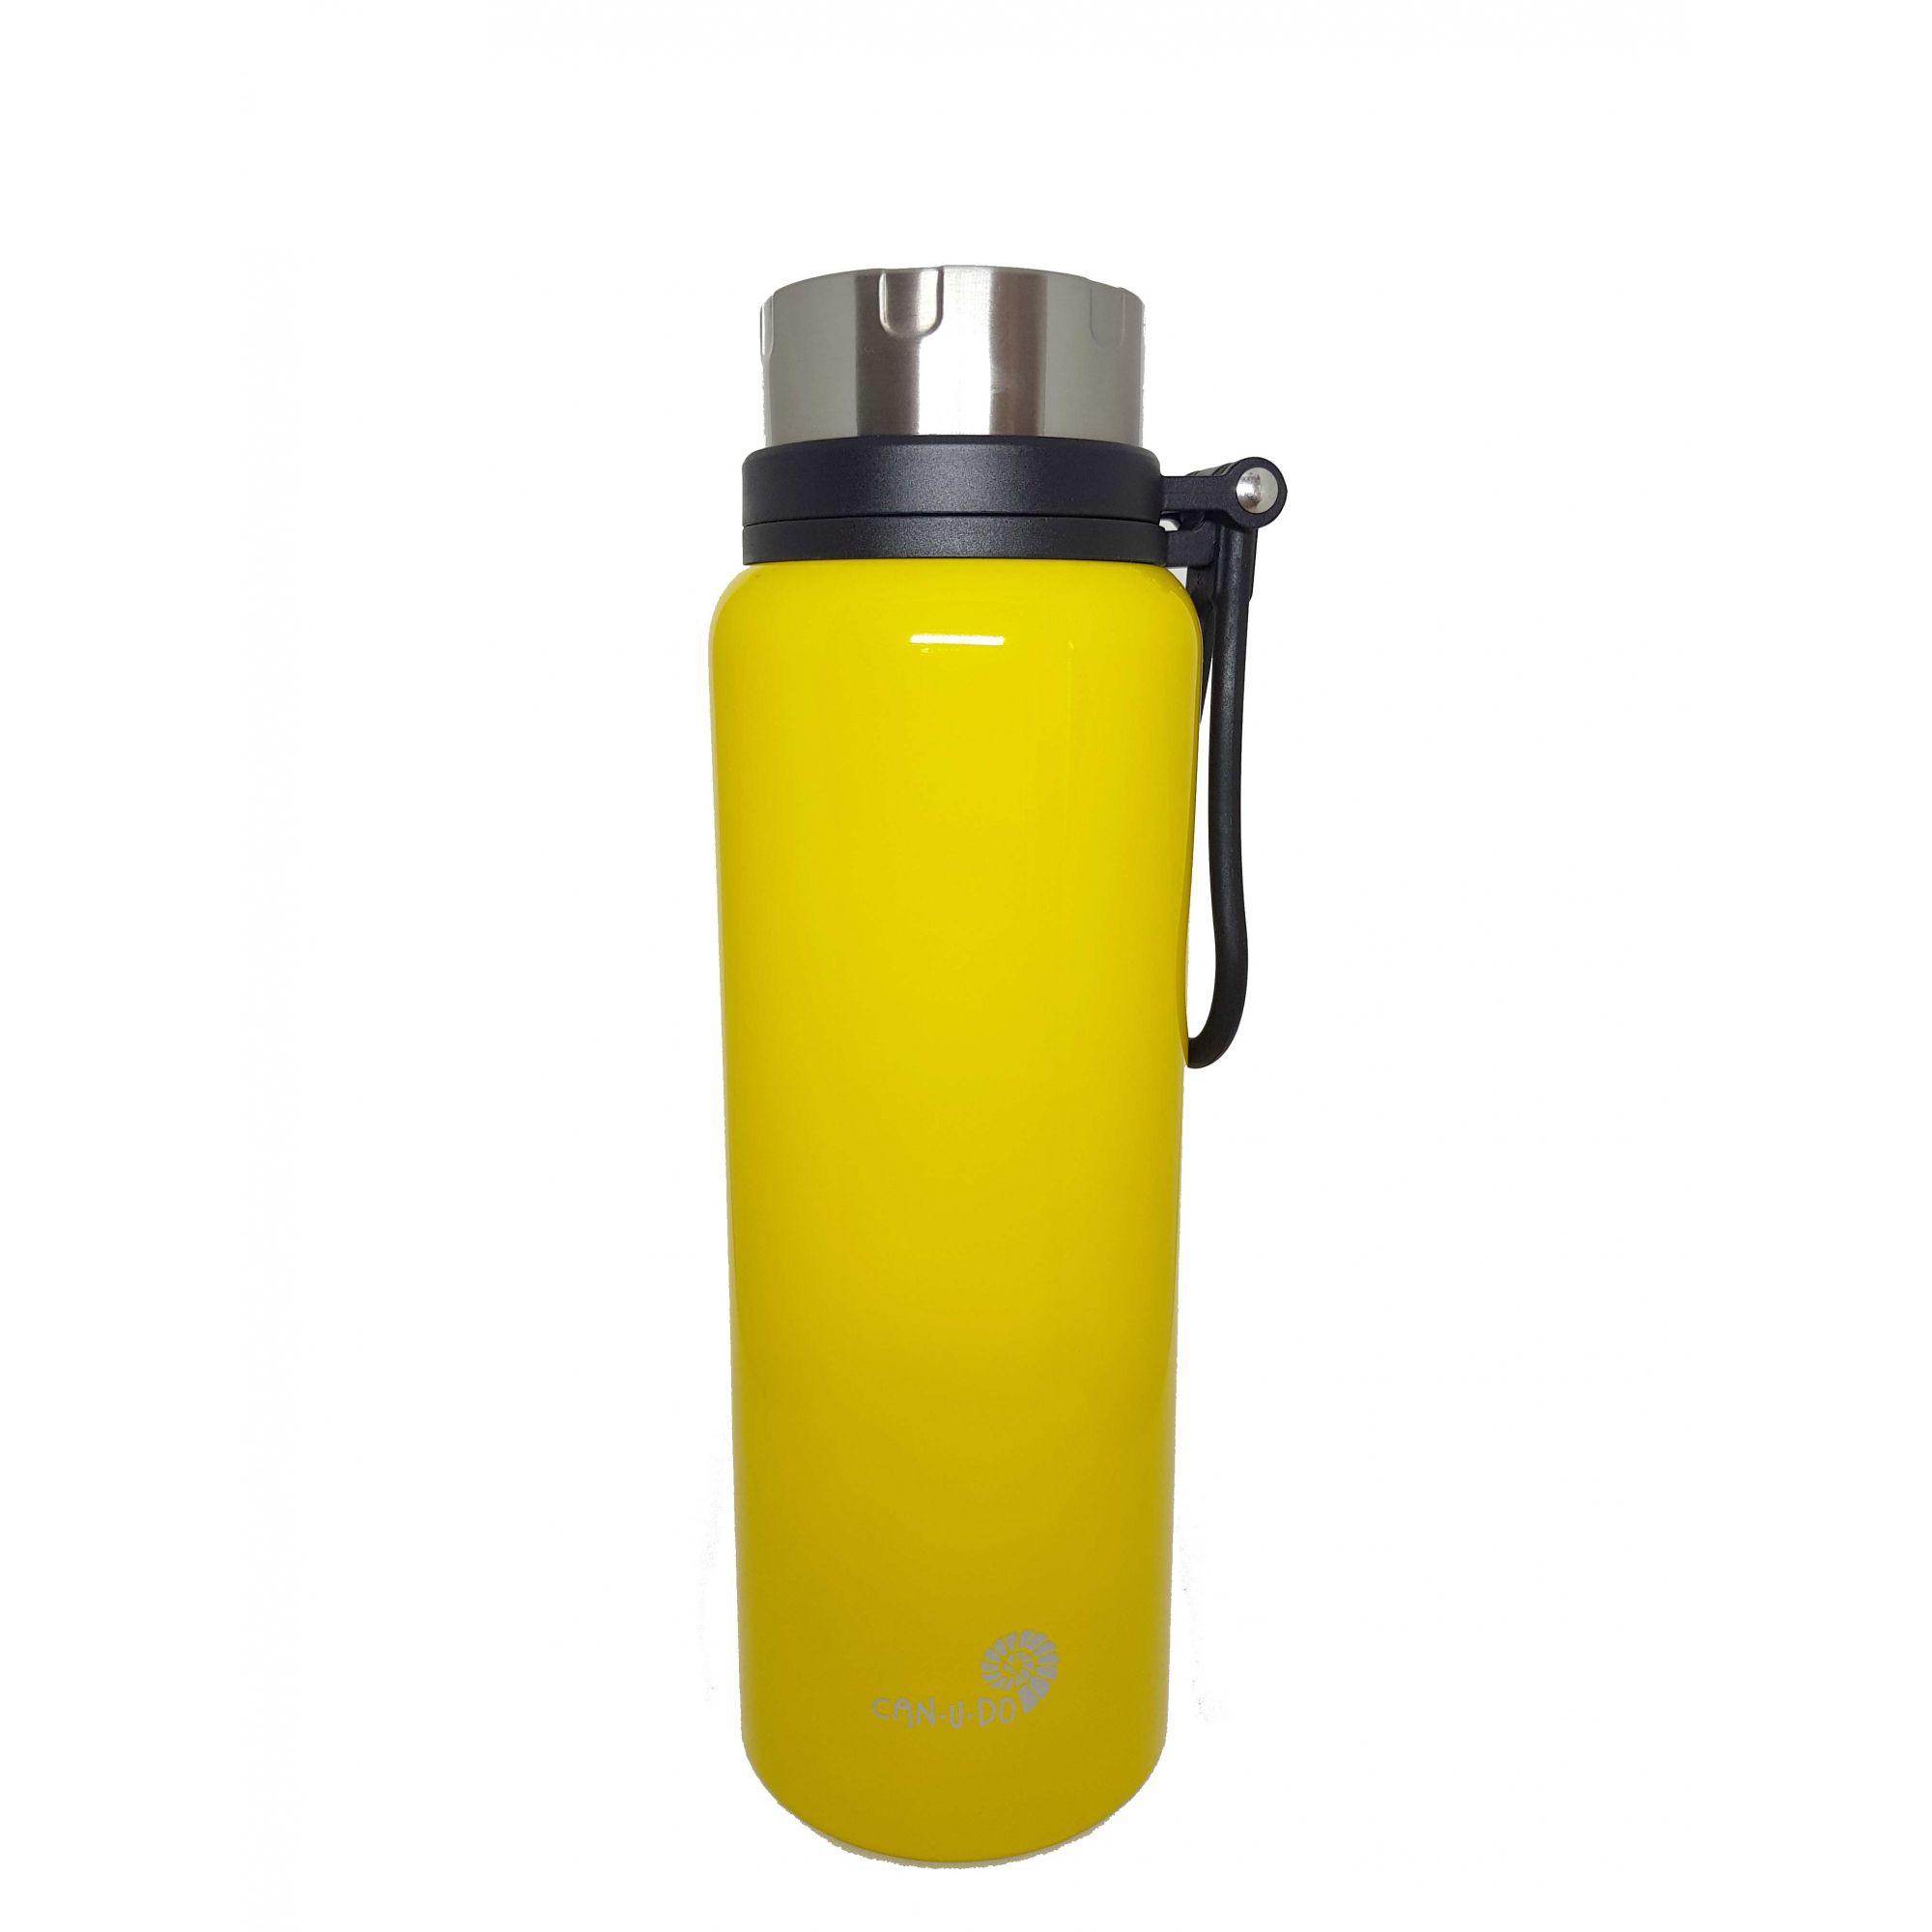 Garrafa Térmica de Inox - 1,2L - Amarela